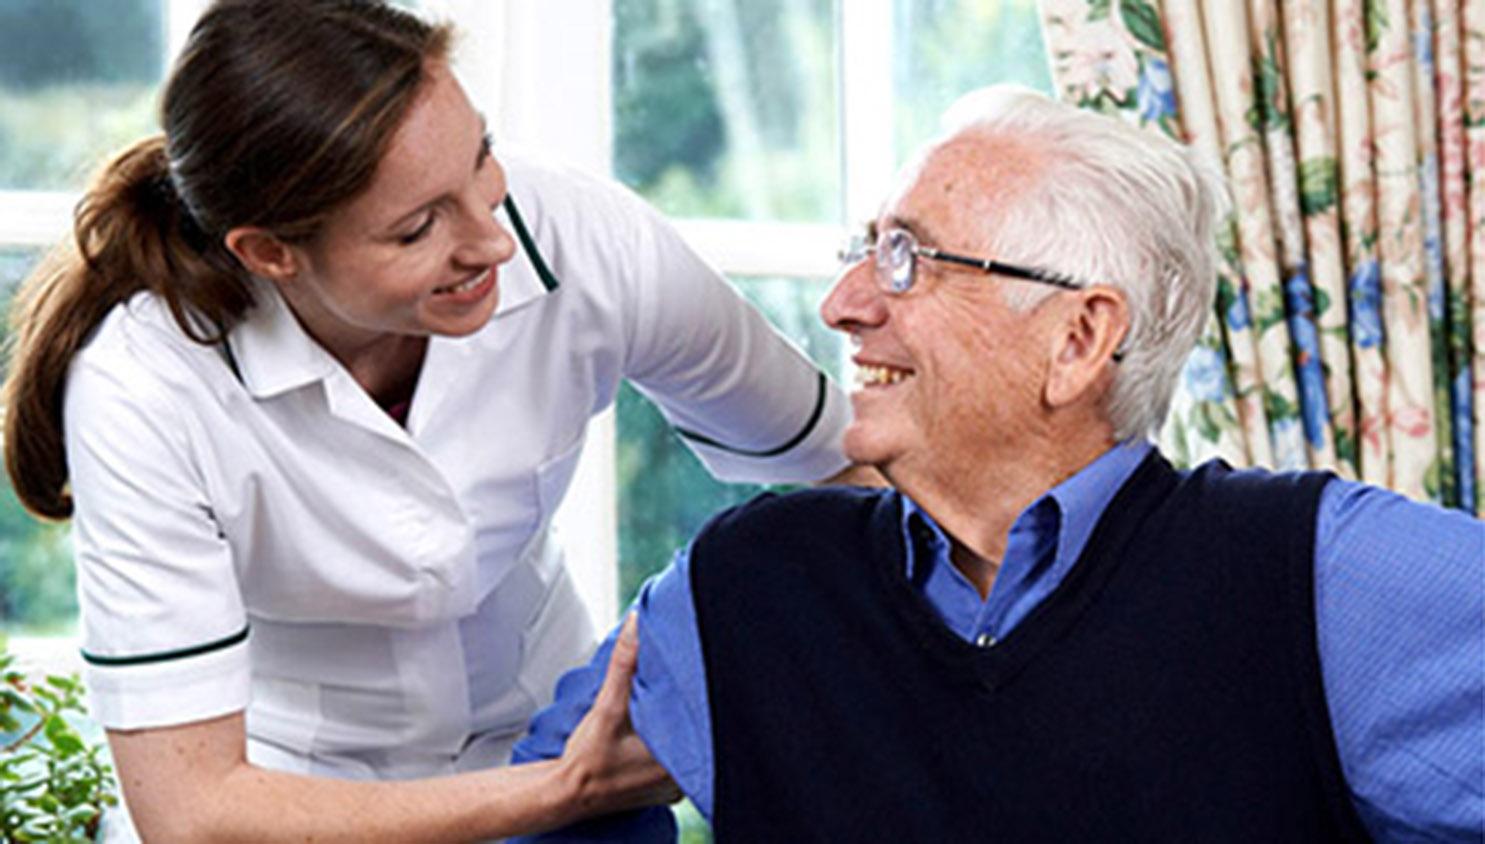 Chi è e cosa fa il caregiver familiare